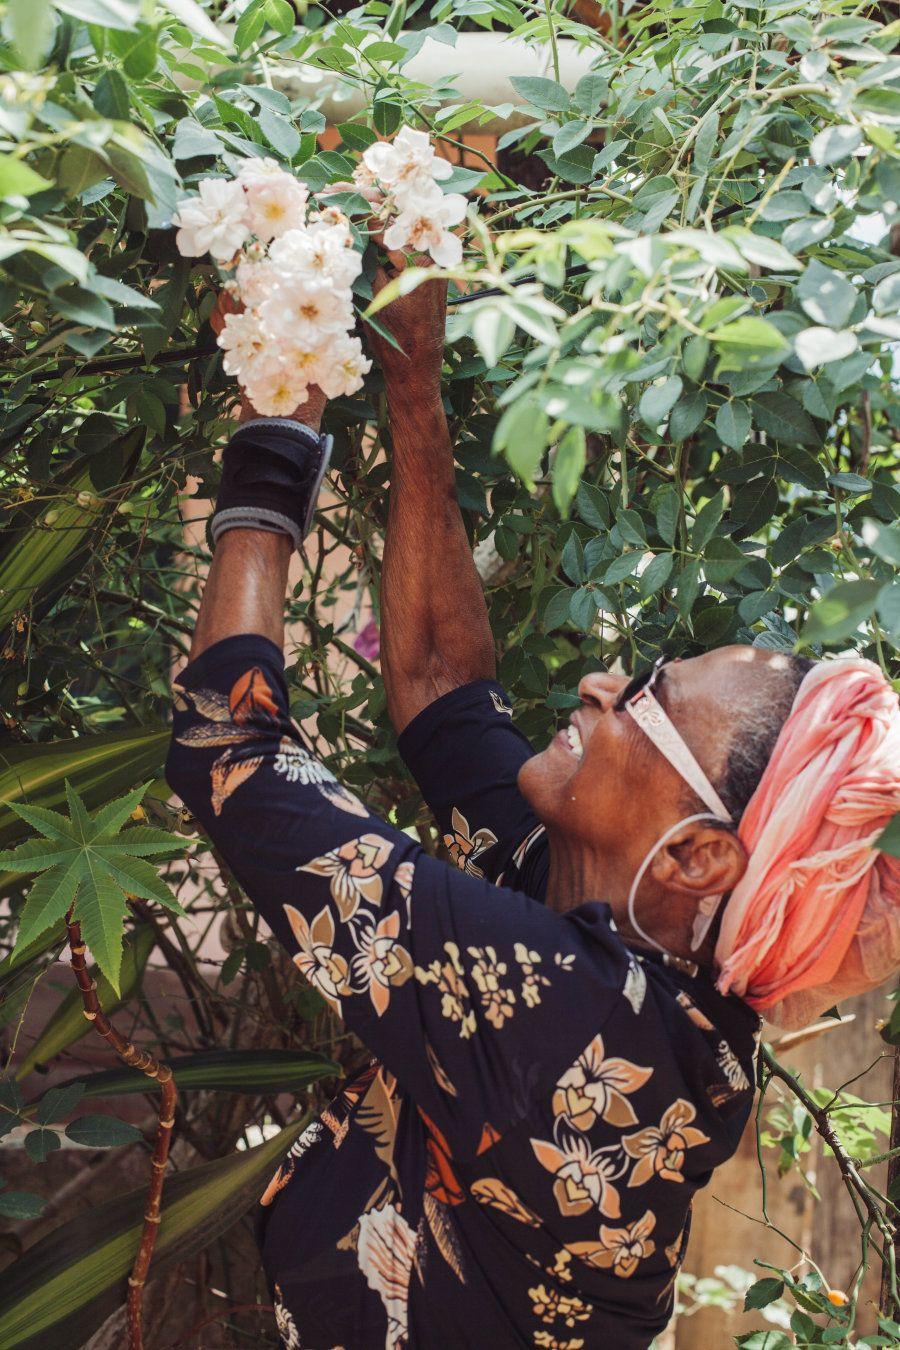 Conexão com o poder de cura da natureza: esse é o lugar de Dona